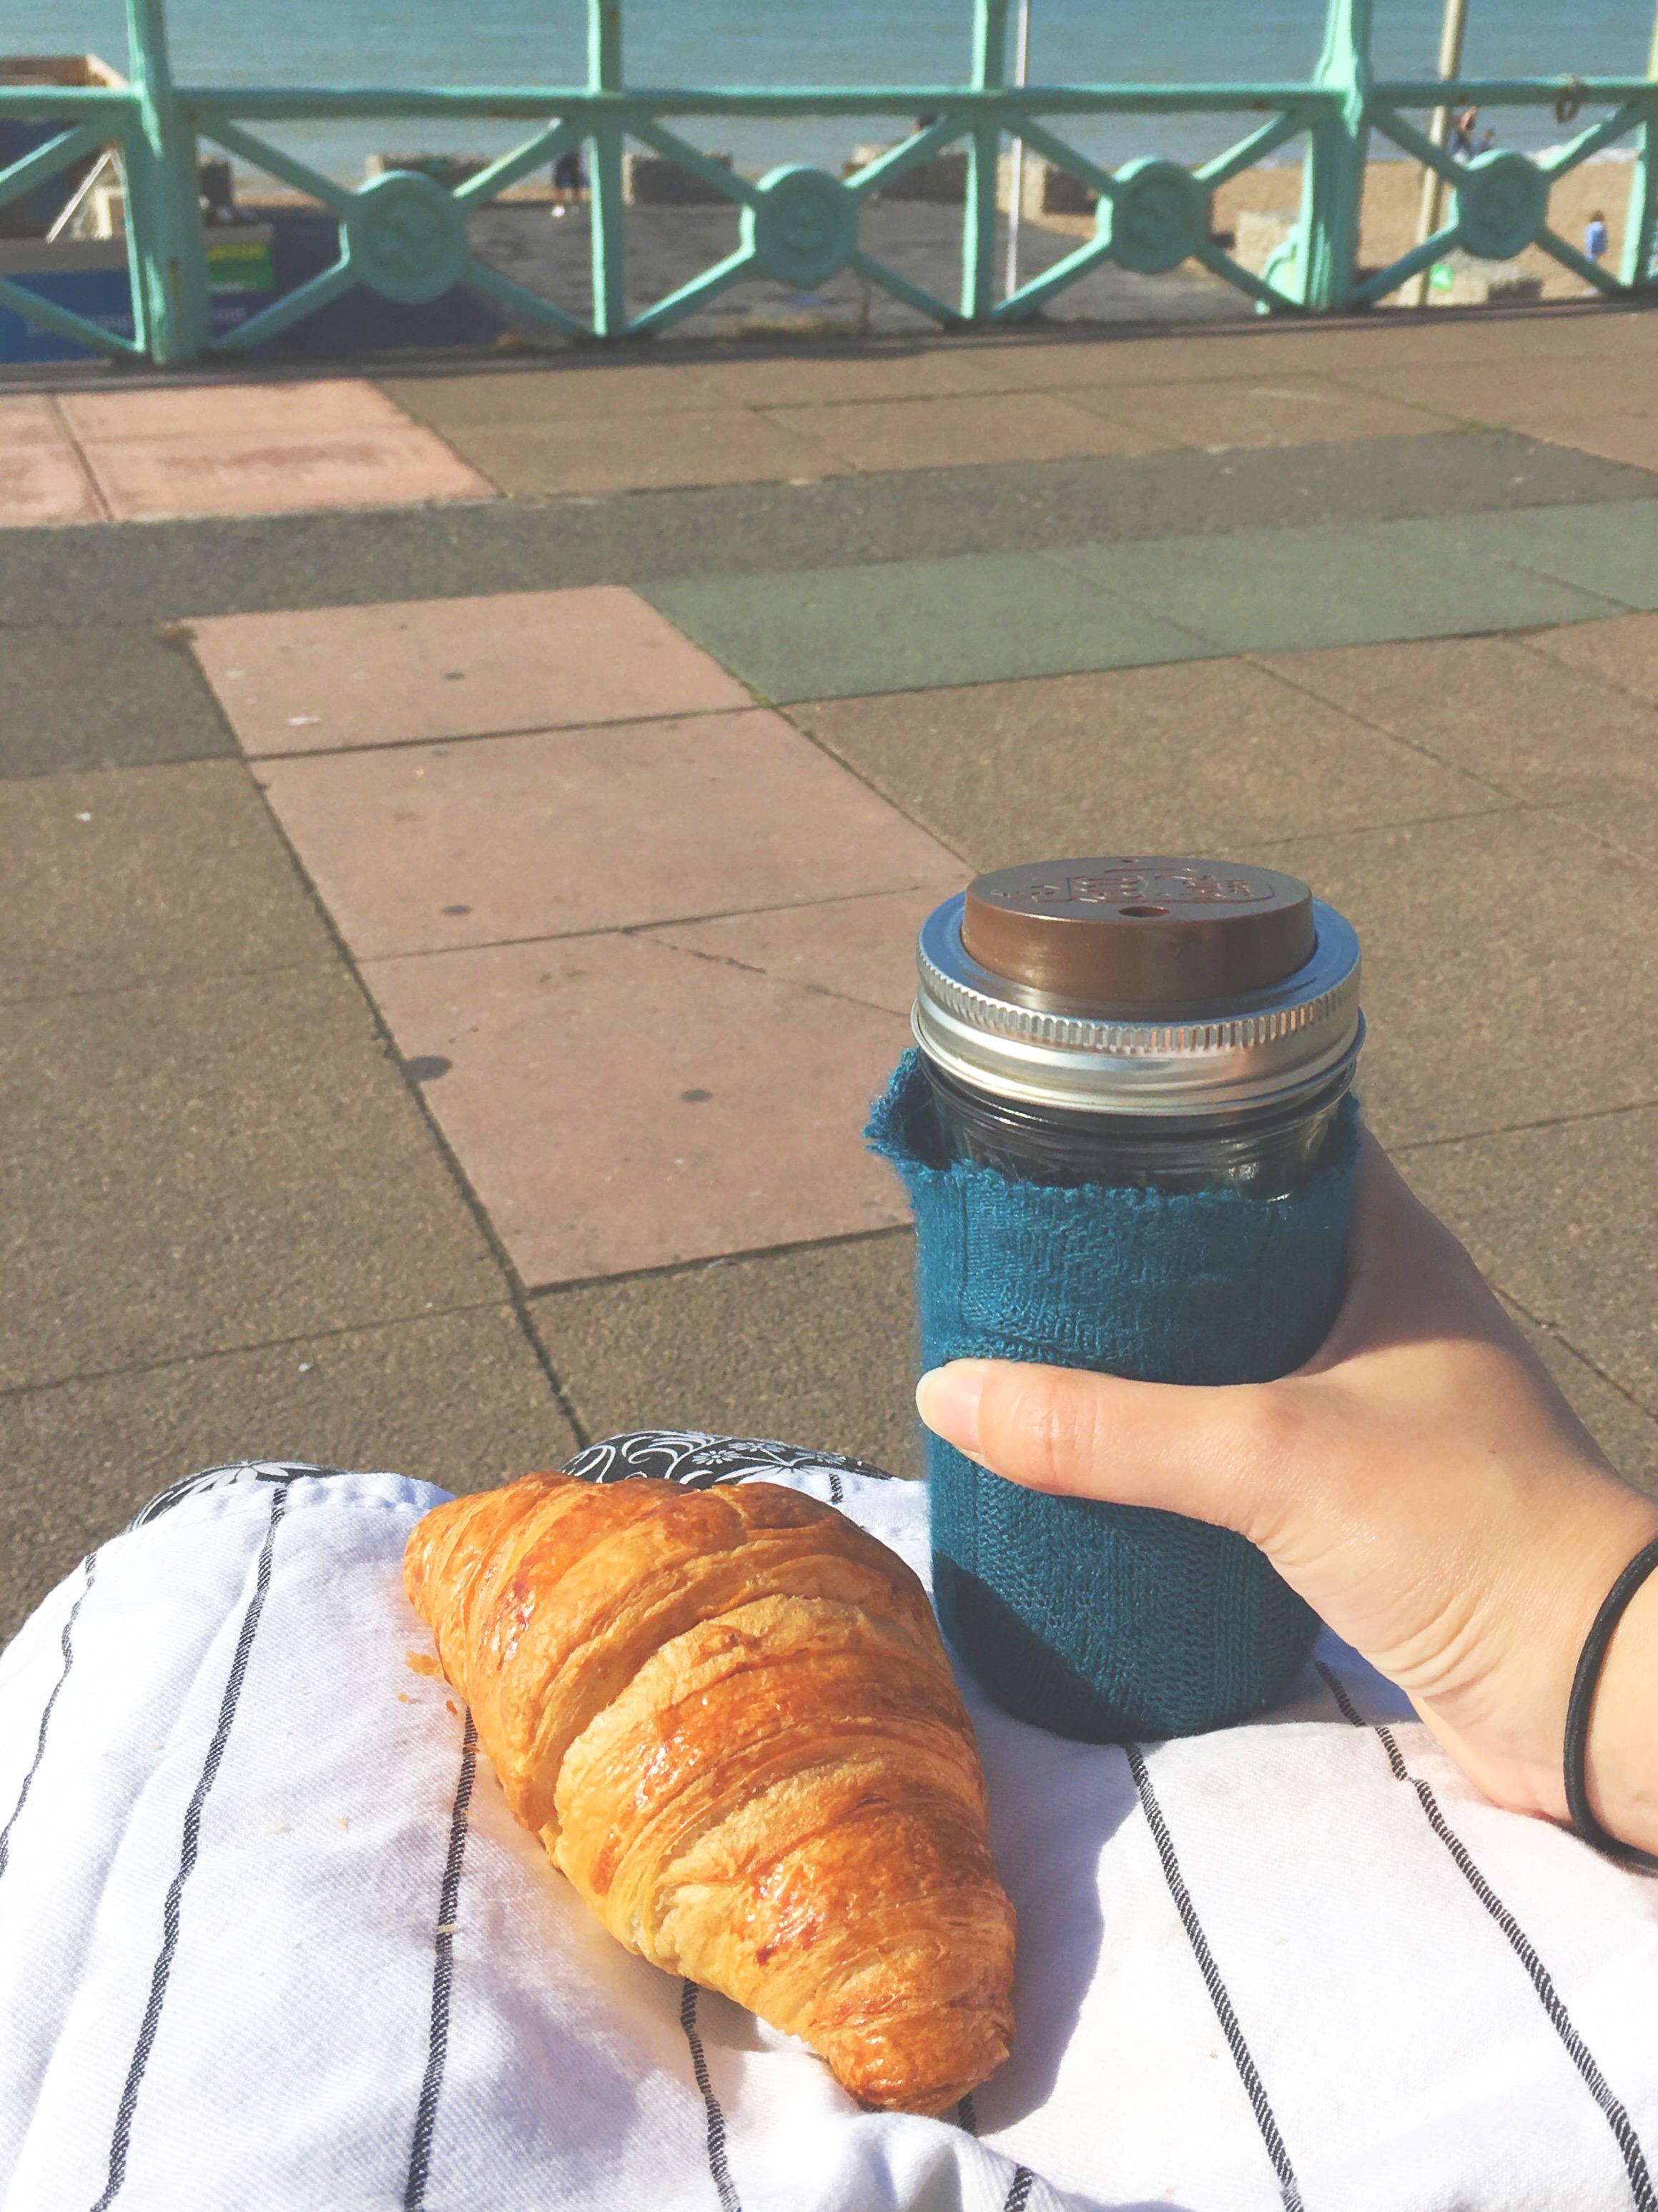 Meu copo-jarra preferido com café e um croissant que peguei com meu guardanapo de pano em uma cafeteria enquanto esperava meus colegas para pegar o trem de Brighton pra Londres.